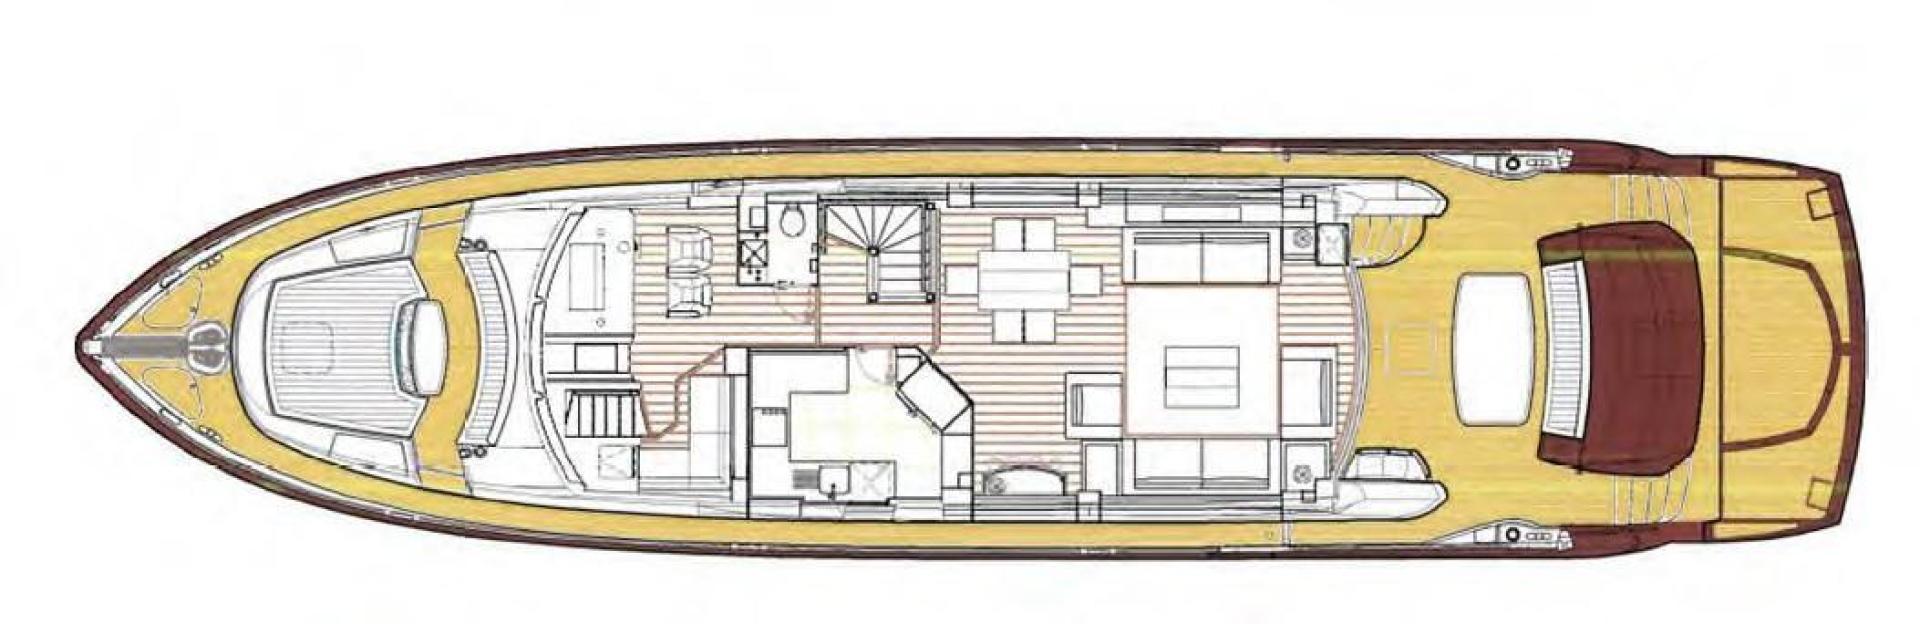 Sunseeker-Flybridge Motoryacht 2009-ANNABEL Mallorca-Spain-Main Deck Layout-902633 | Thumbnail